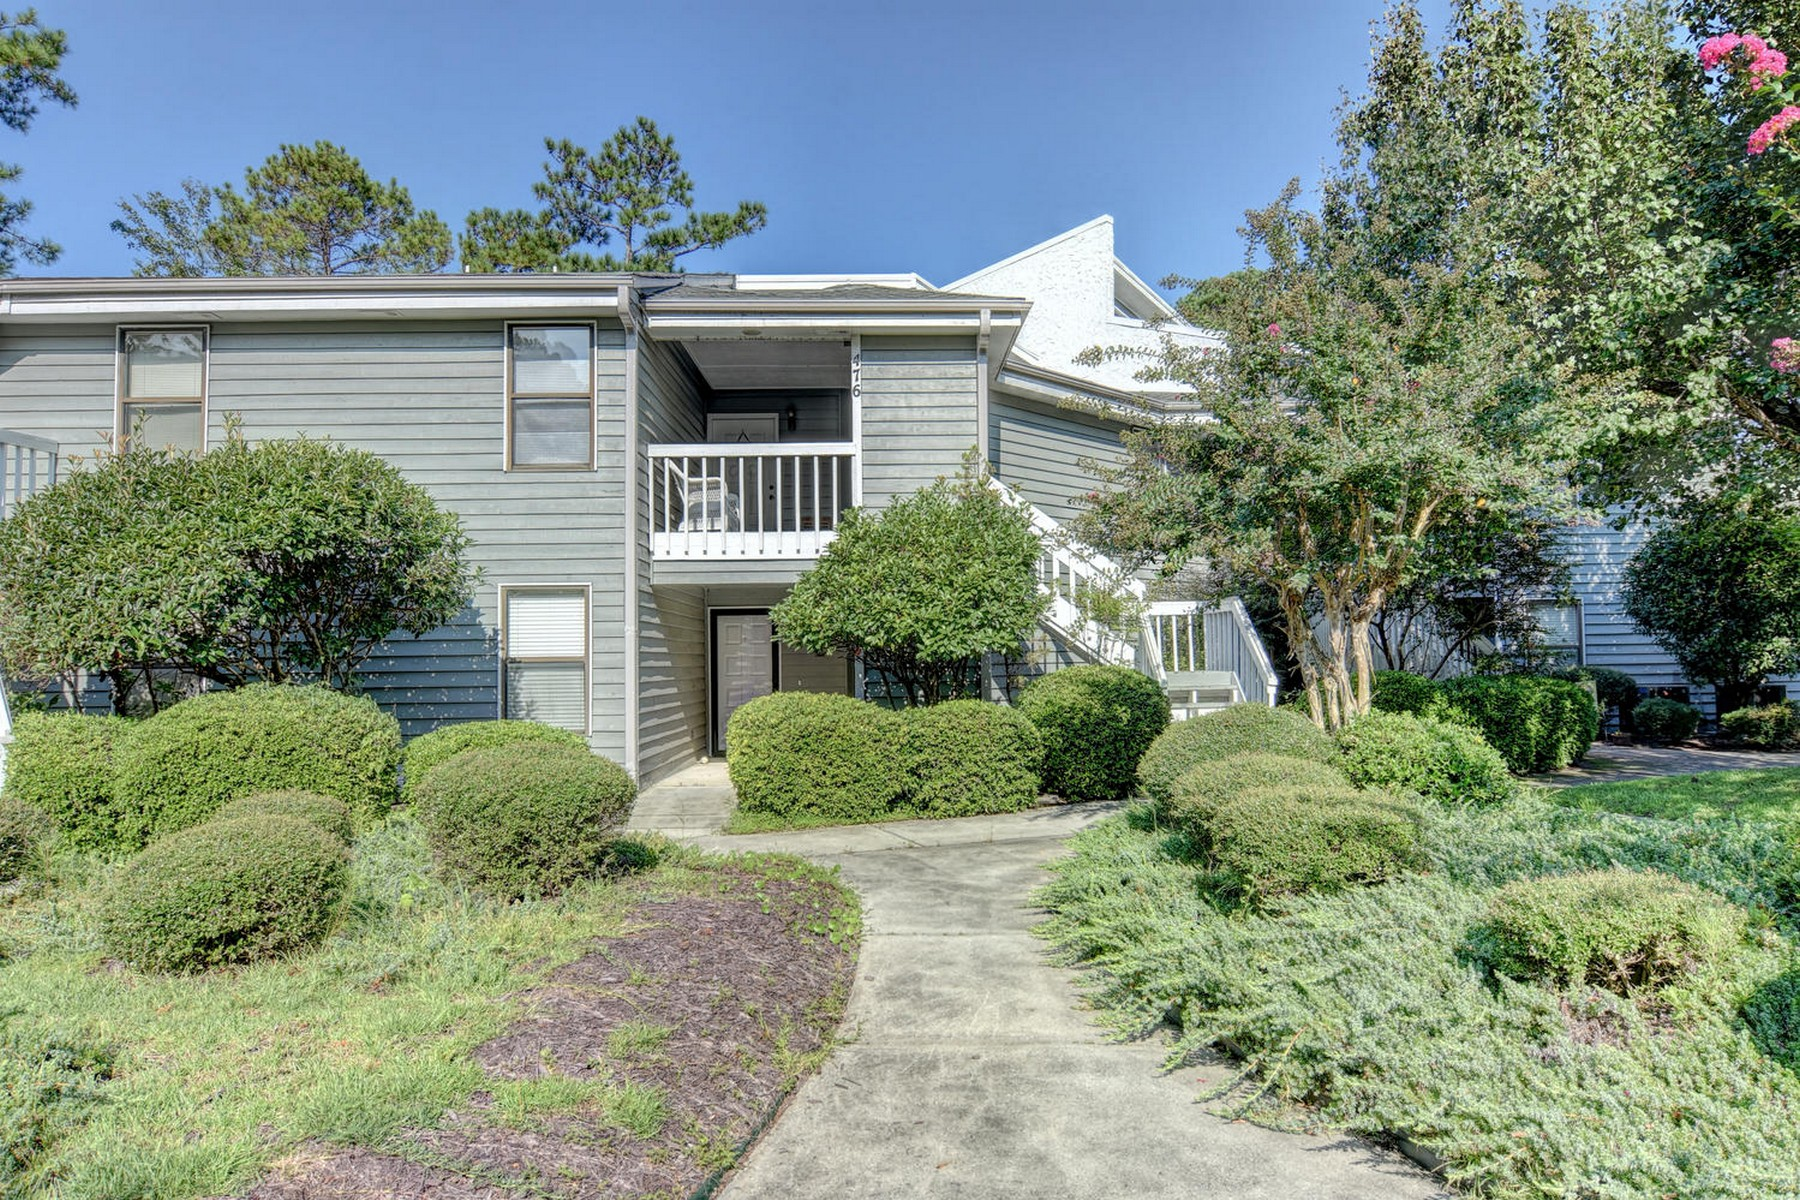 共管式独立产权公寓 为 销售 在 Charming Condo with Tranquil Backyard 710 Azalea Drive 475, 汉普斯特德, 北卡罗来纳州, 28443 美国